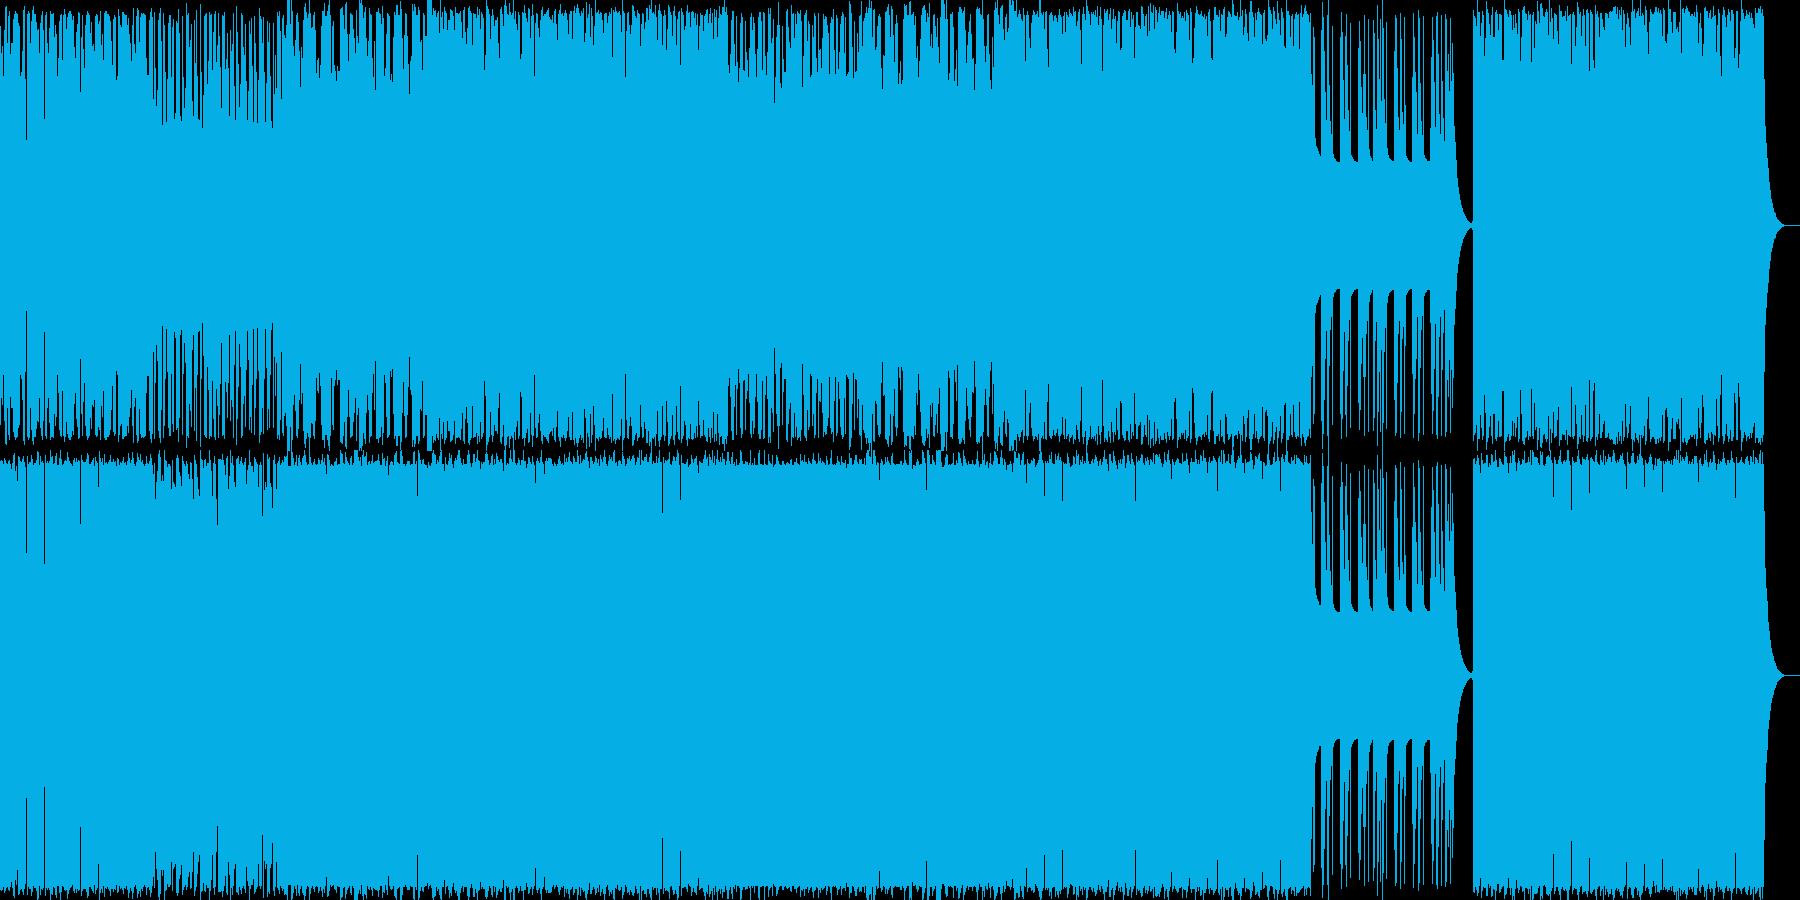 ビッグバンド/808/ブラス/ゴージャスの再生済みの波形